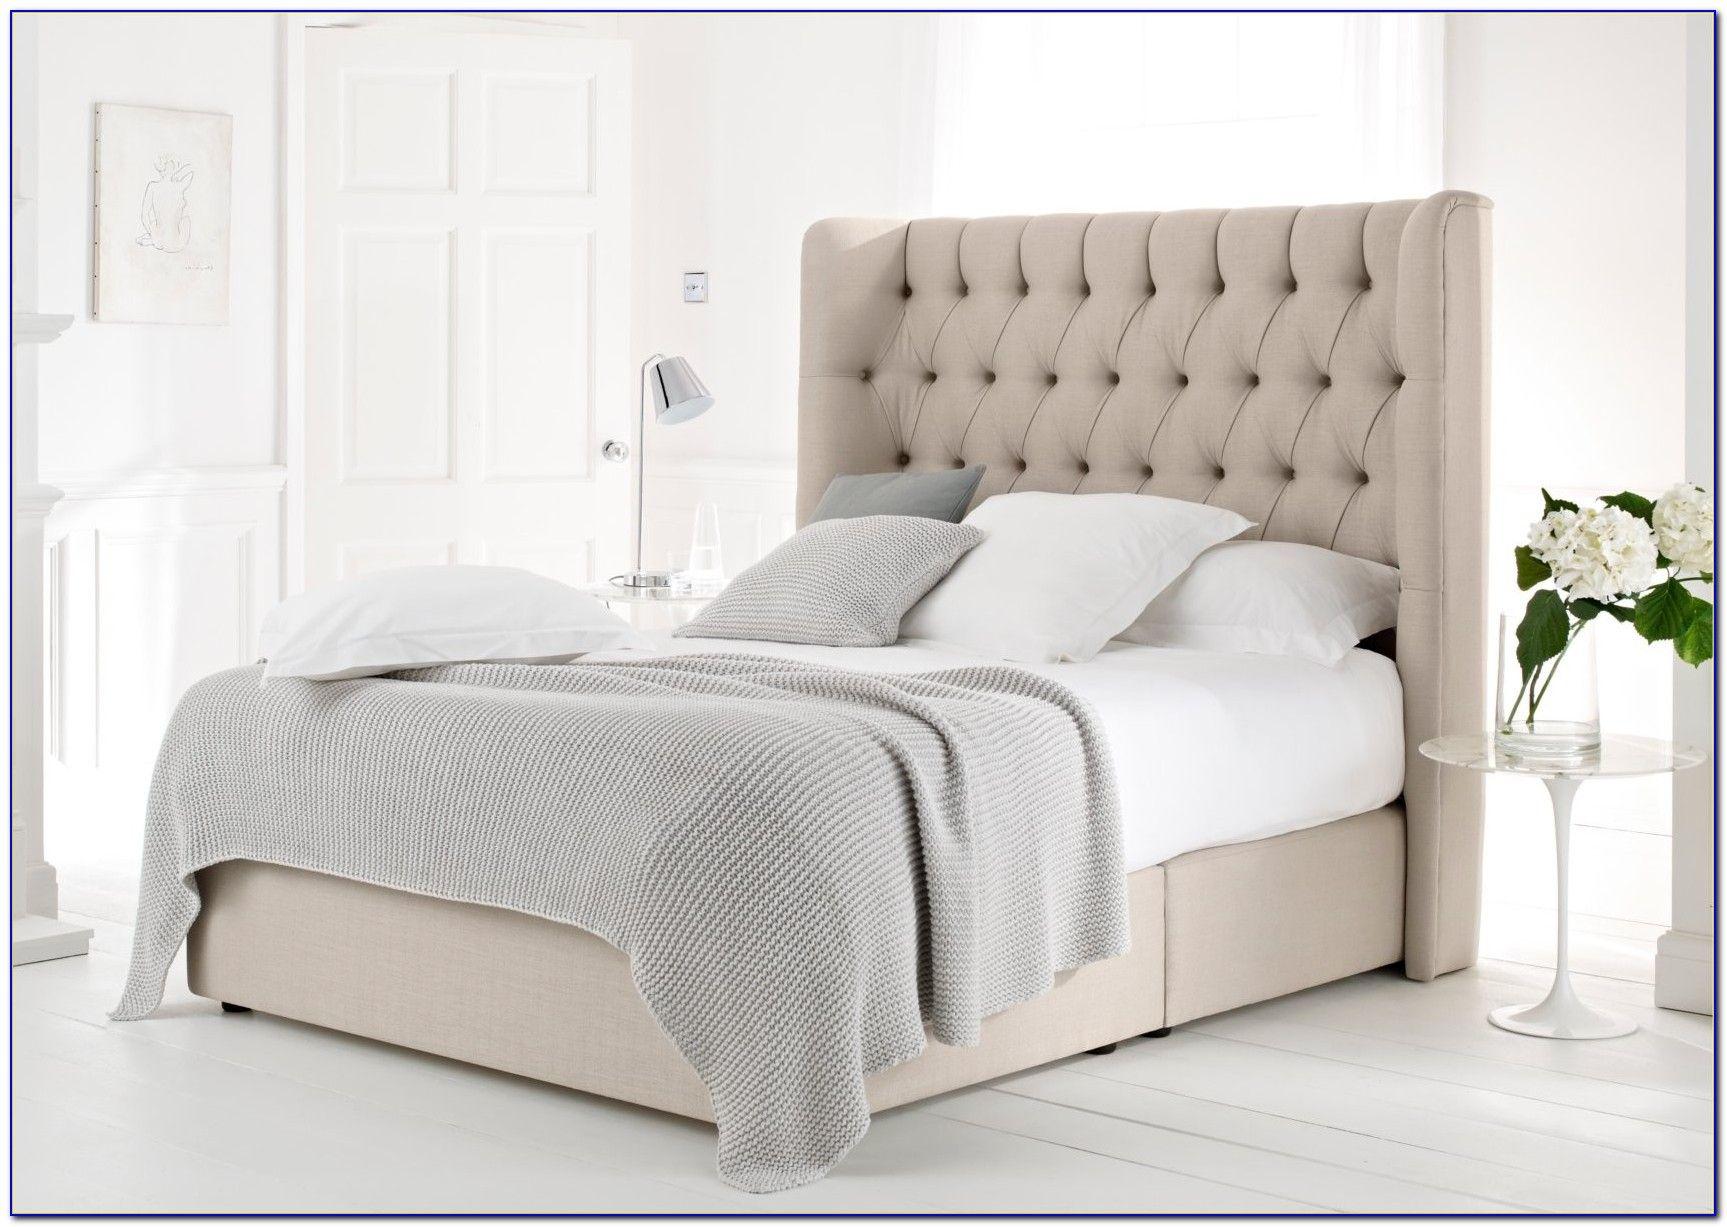 Queen Size Bett Rahmen Mit Kopfteil Weiß Plattform Bett Rahmen King Size  Plattform Bett Podest, Bettgestell #Schlafzimmer